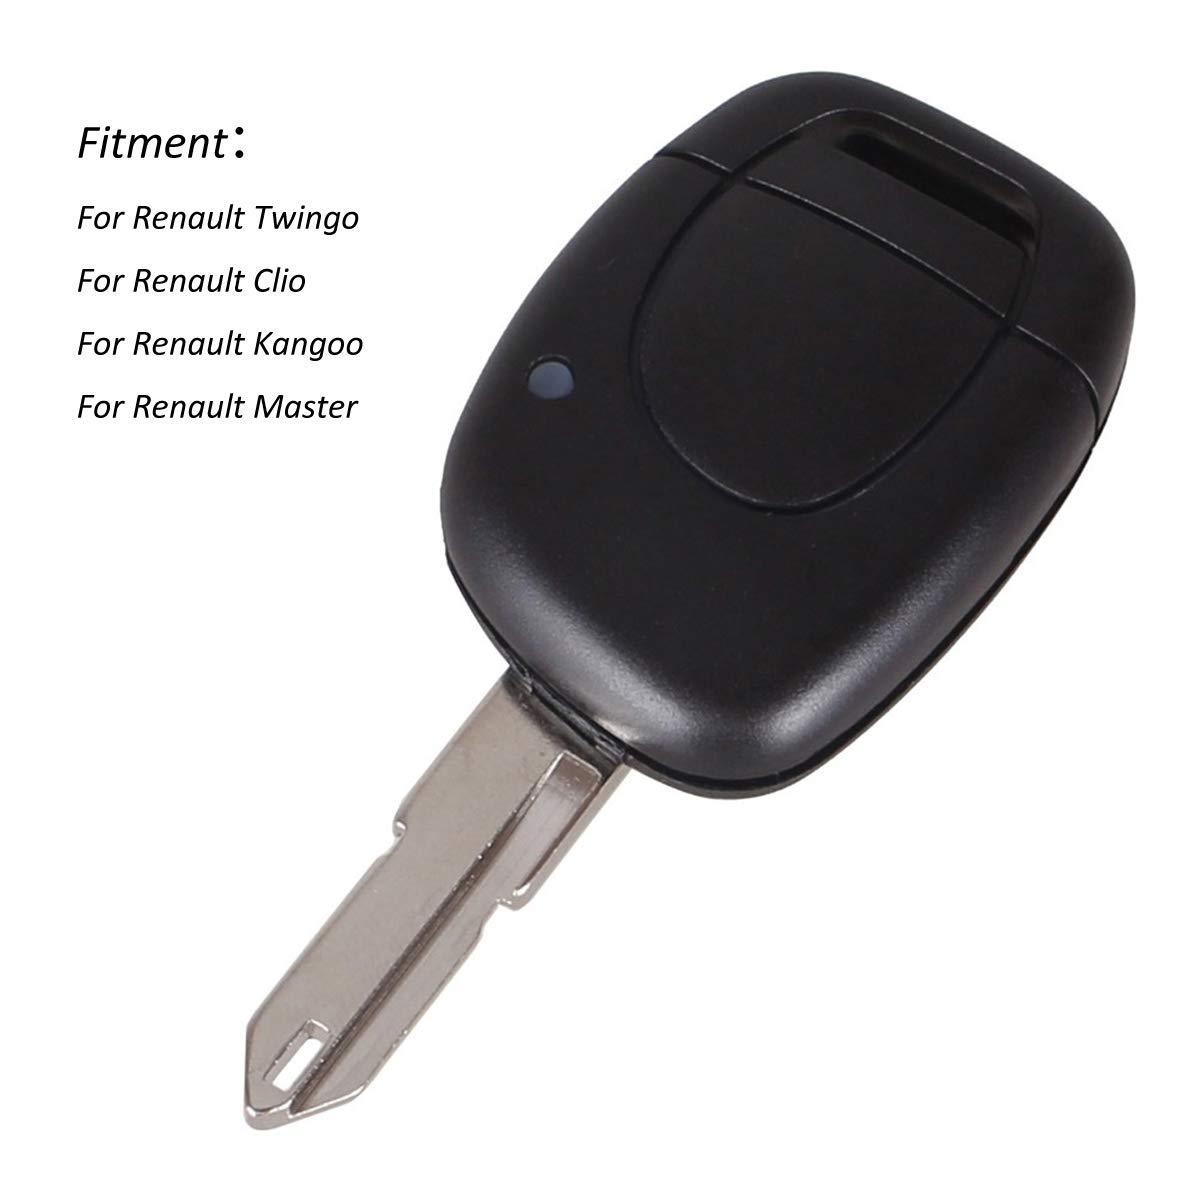 1 Botón de control remoto – Carcasa para llave de Renault Twingo Clio Kangoo Master No chip Keyless Entry Fob Case Uncut Blade